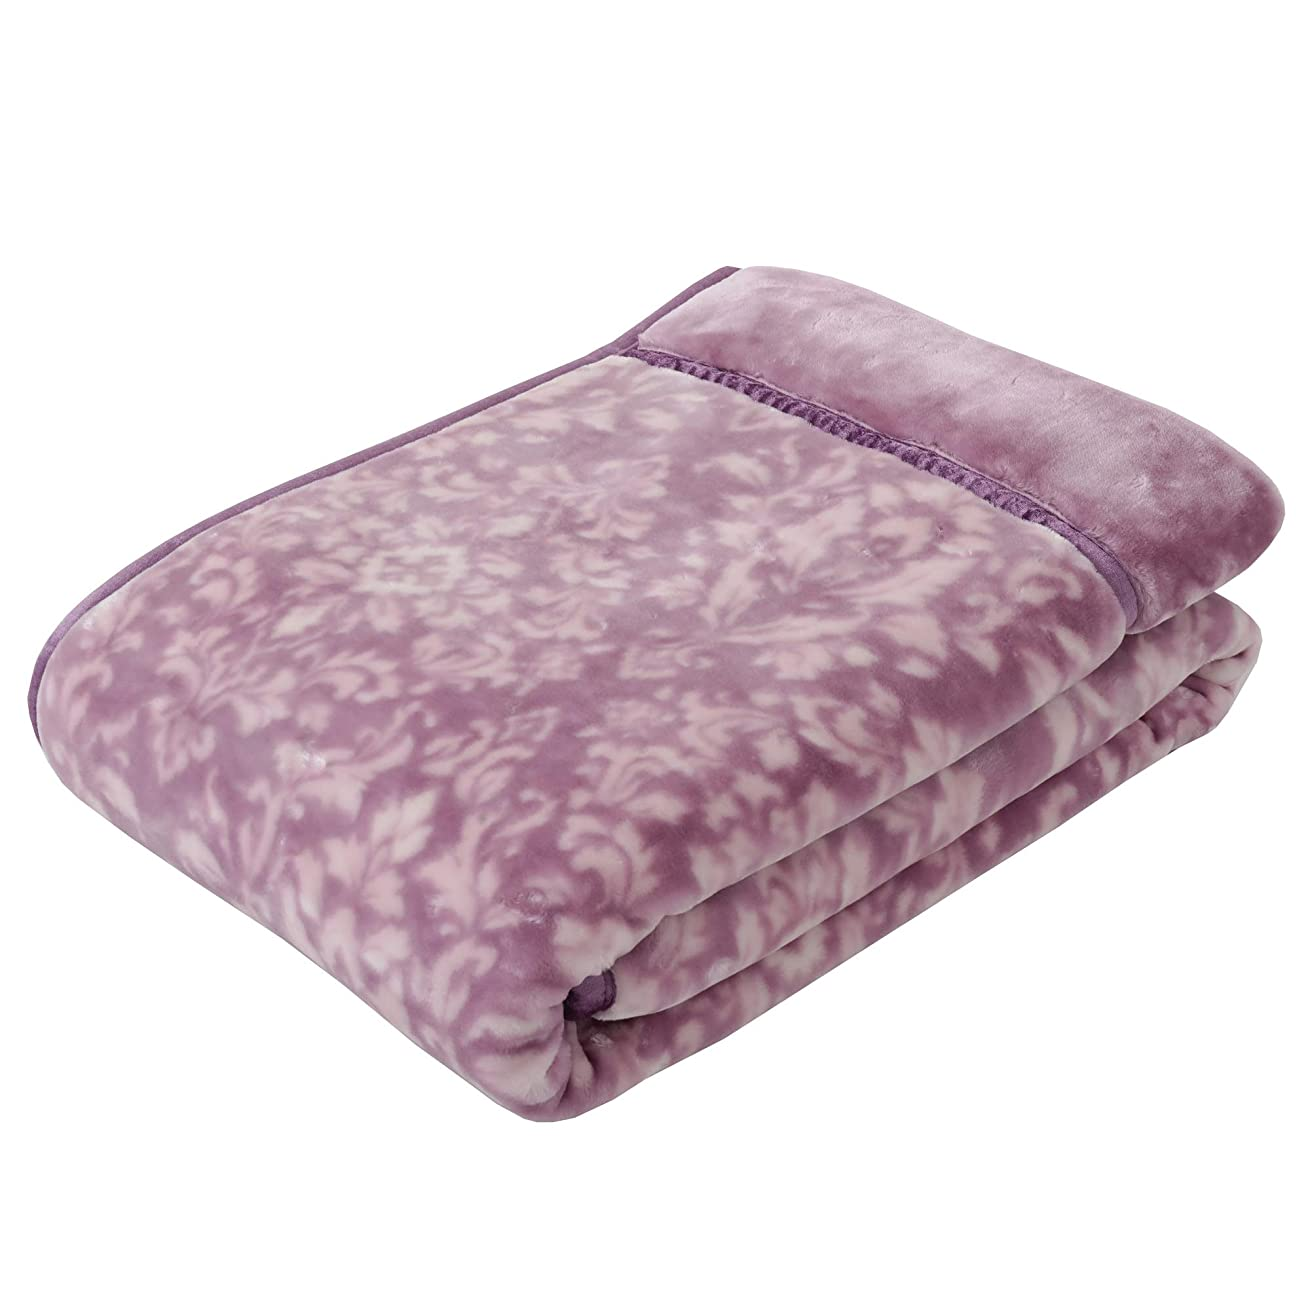 素晴らしき陽気な自殺東京西川 毛布 ピンク シングル あったか2枚合わせ マイモデル オーナメント柄 FQ08065008P